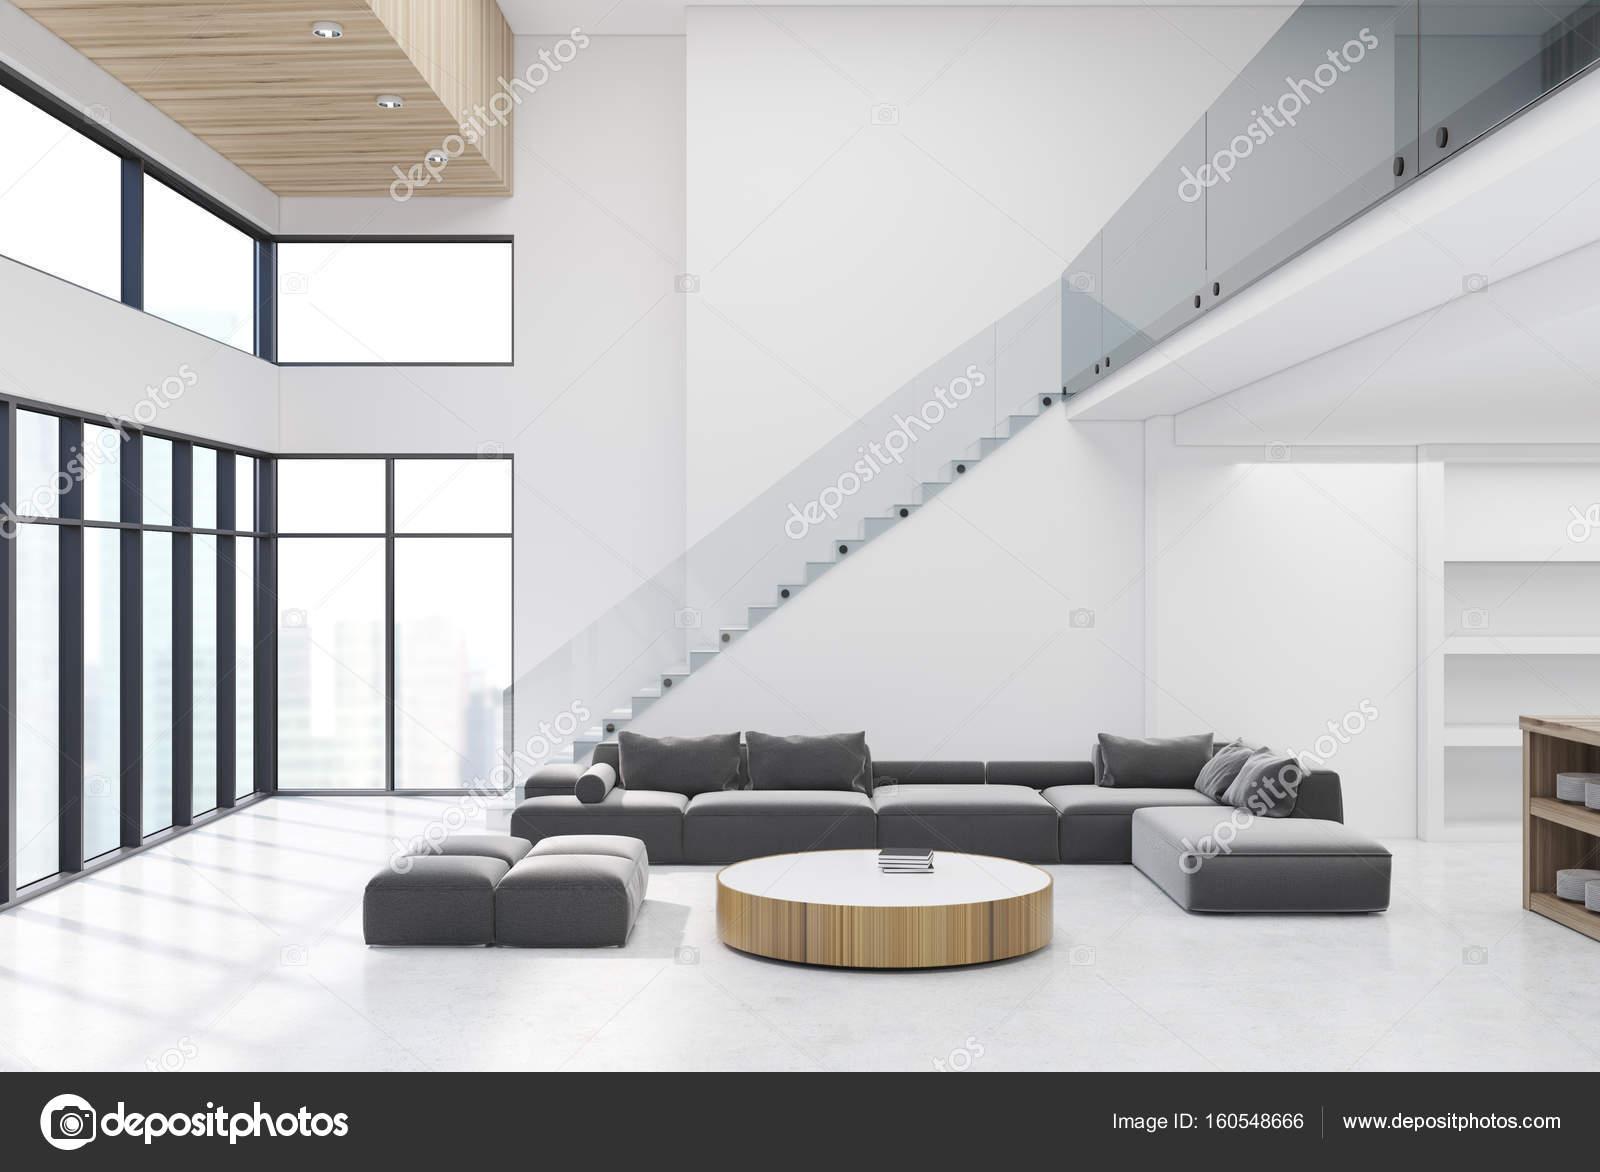 Soffitti In Legno Bianco : Salone bianco con soffitto in legno e scale u2014 foto stock